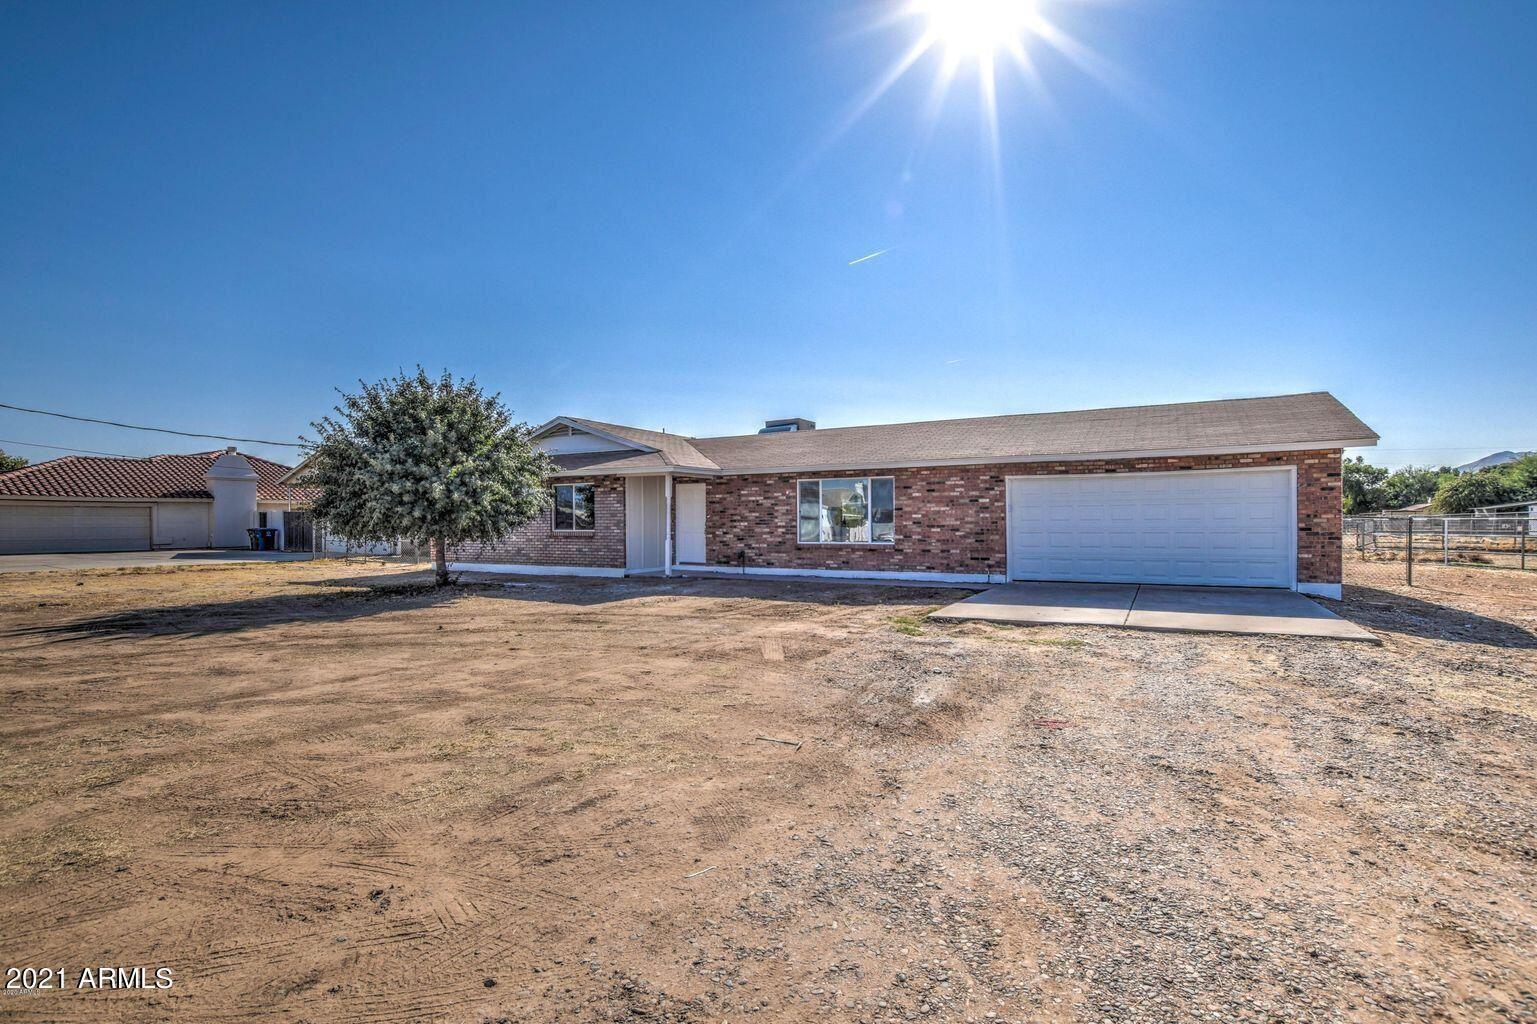 Photo of 18551 E VIA DE PALMAS --, Queen Creek, AZ 85142 (MLS # 6296405)